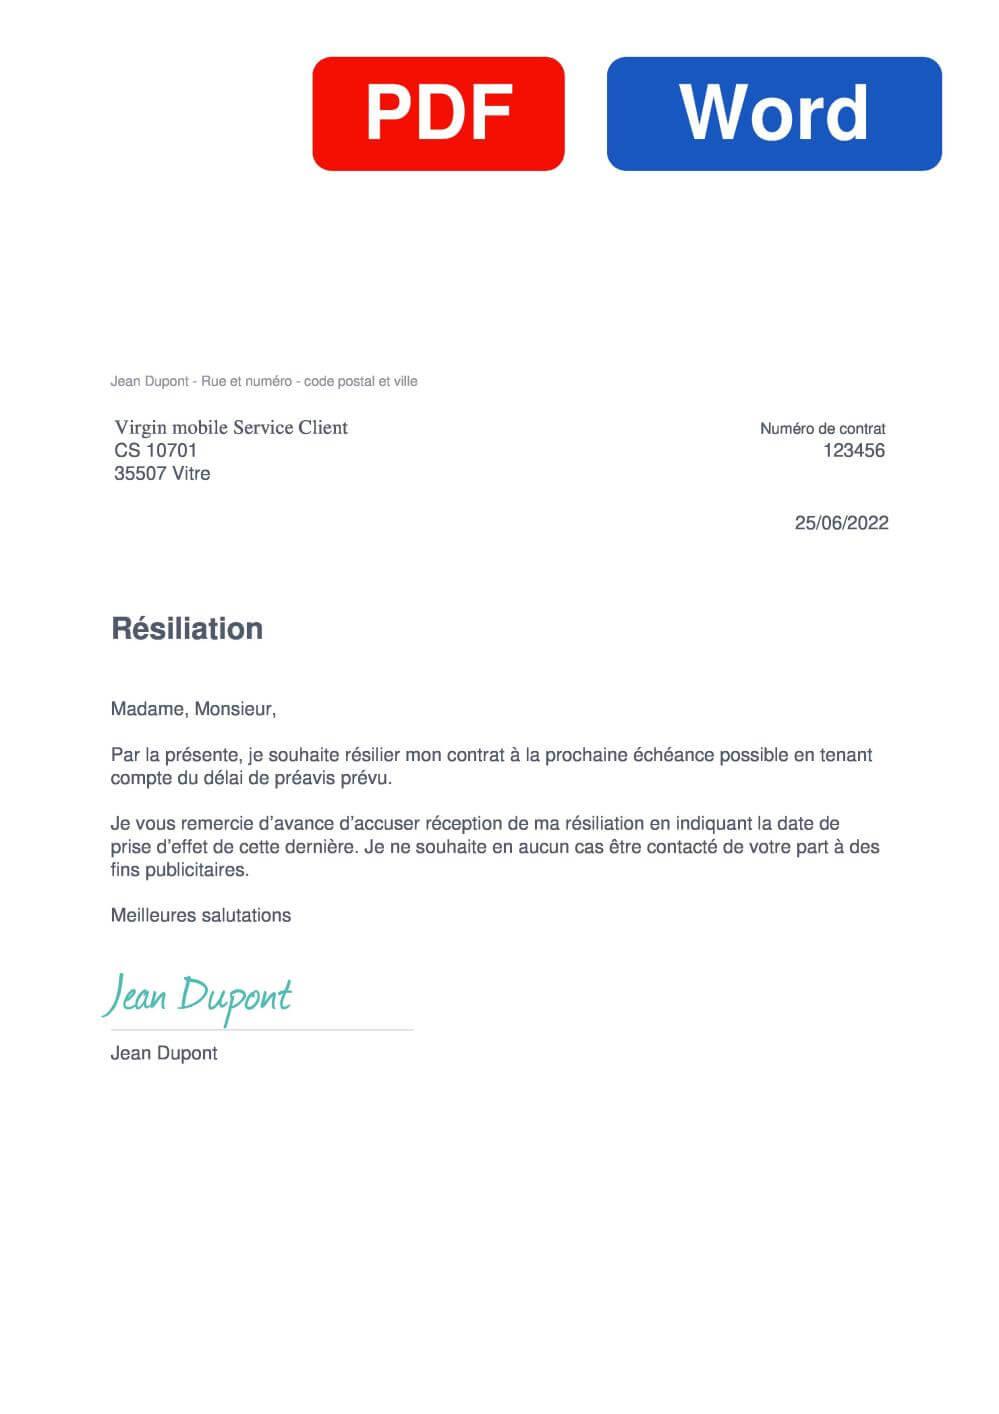 Virgin mobile Modèle de lettre de résiliation